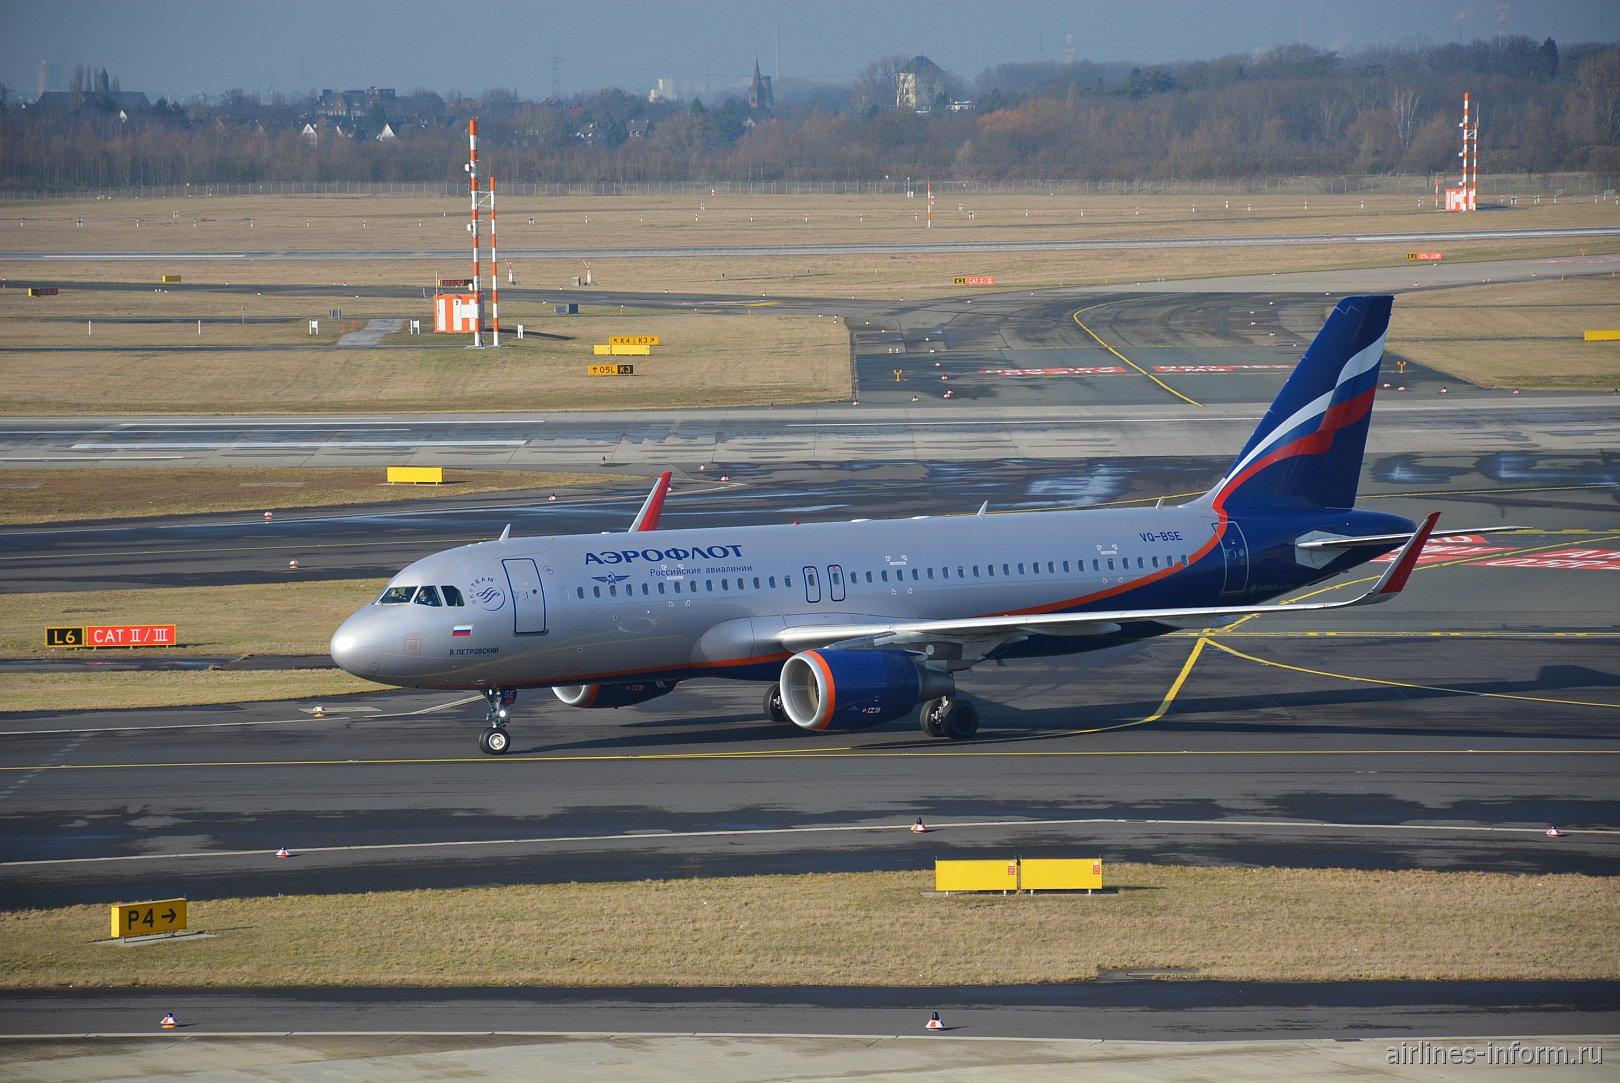 Самолет Airbus A320 VQ-BSE Аэрофлота в аэропорту Дюссельдорфа